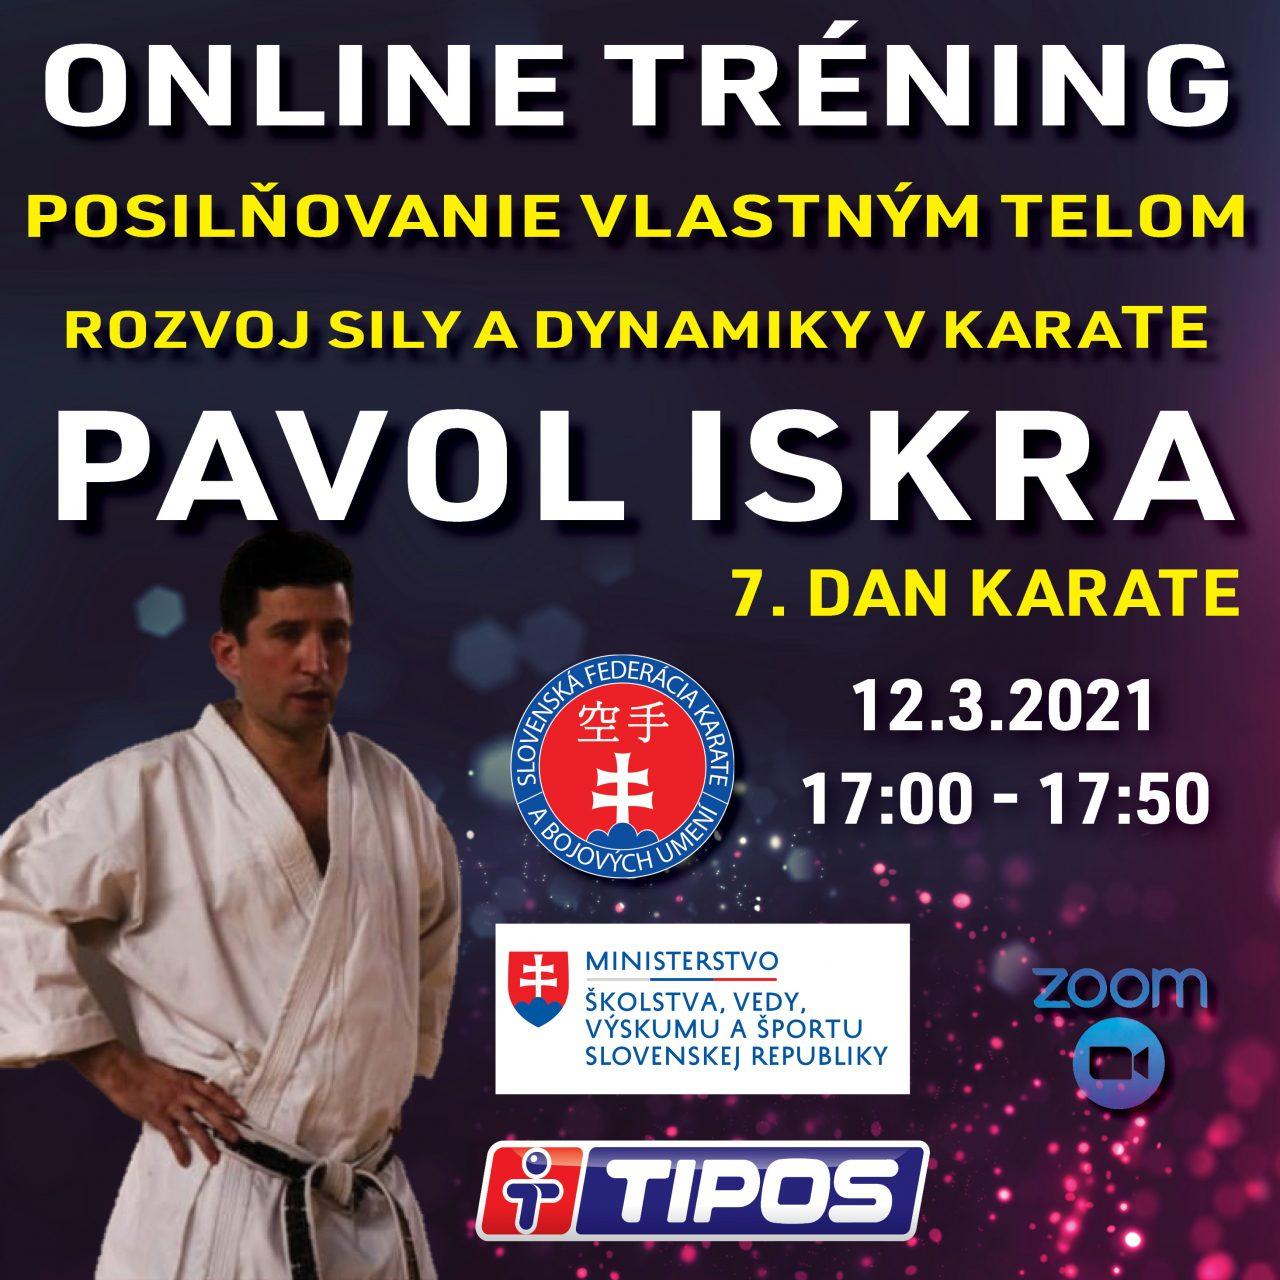 https://karate-slovakia.sk/wp-content/uploads/Iskra_FB-1280x1280.jpg